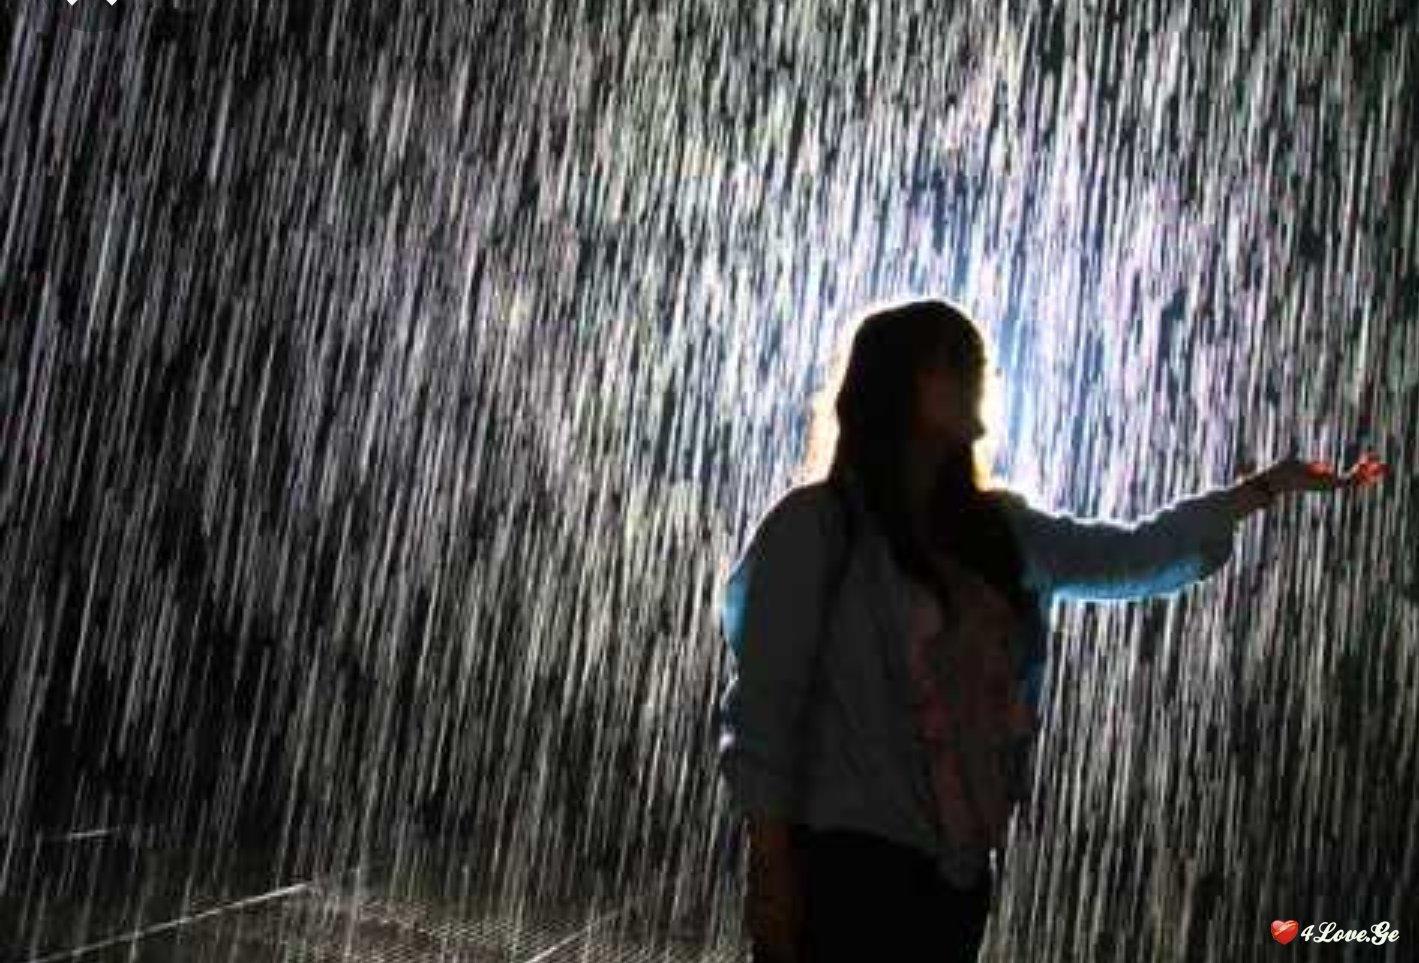 წვიმა გულს მიწვავს